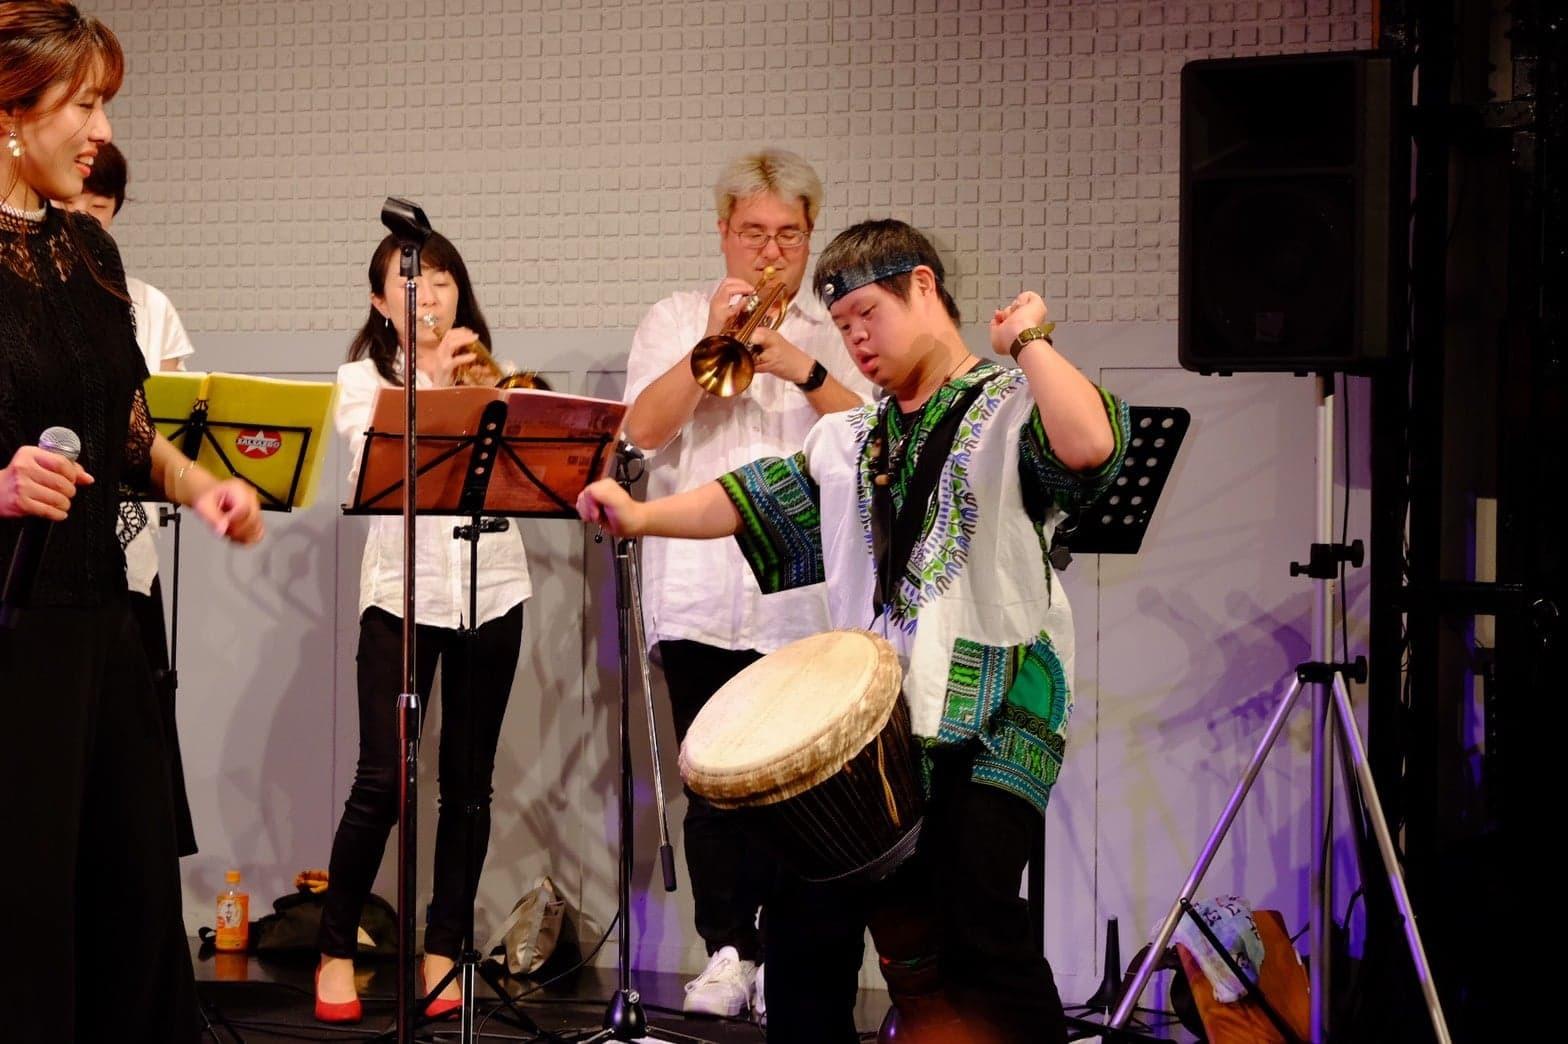 「とっておきの音楽祭 グラデーションマーケット」no.4_b0135942_10401993.jpg